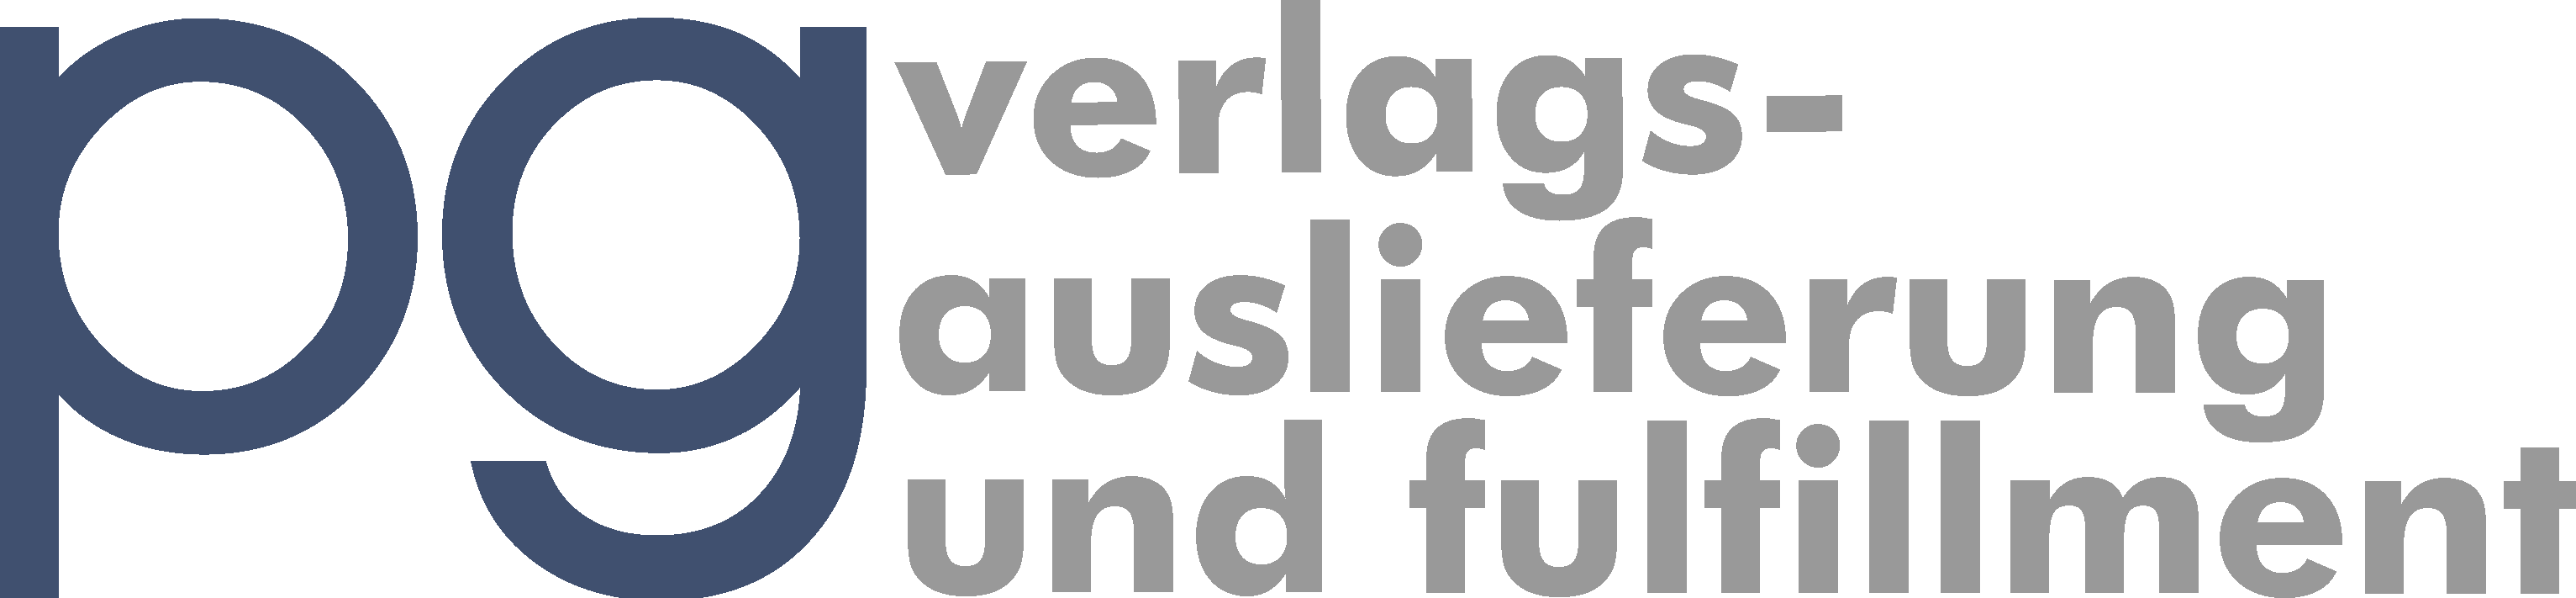 Logo pg verlagsauslieferung und fulfillment